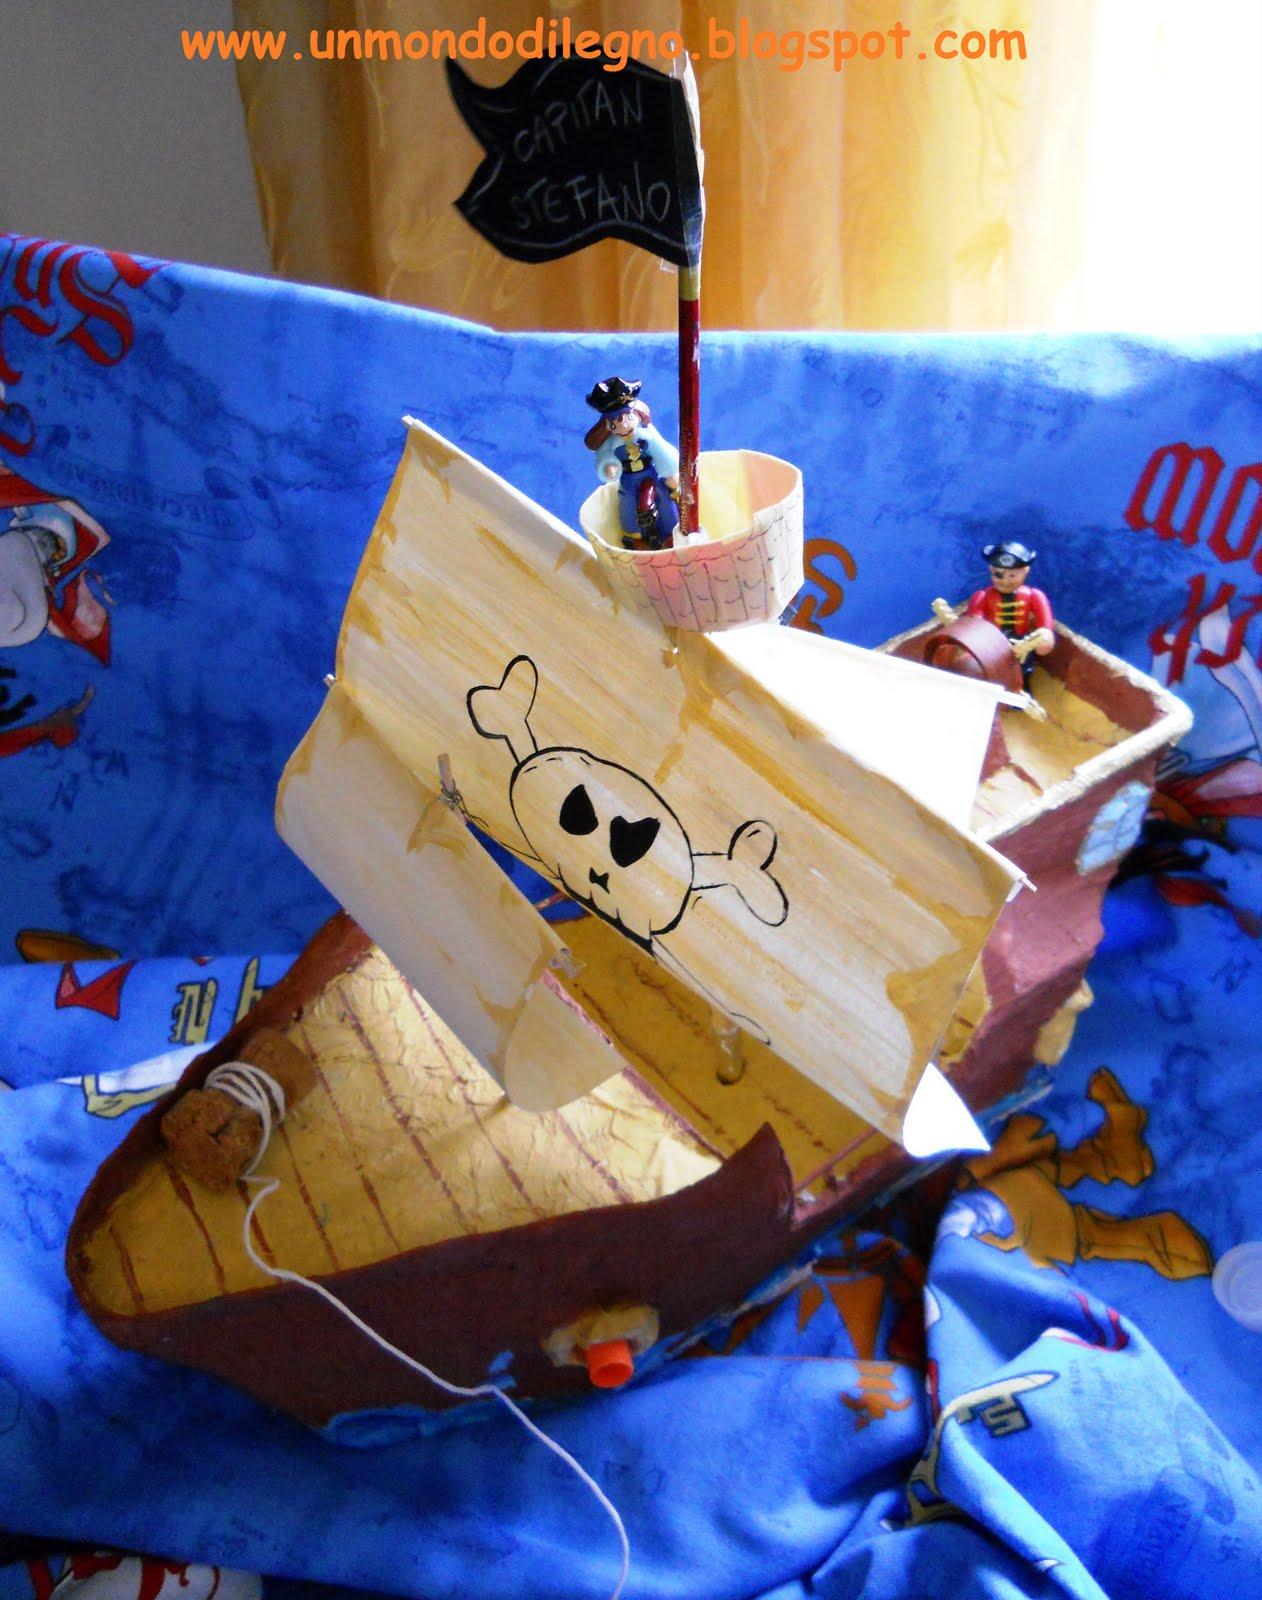 Un mondo di legno la nave di capitan nigno stefano for Regalo oggetti usati